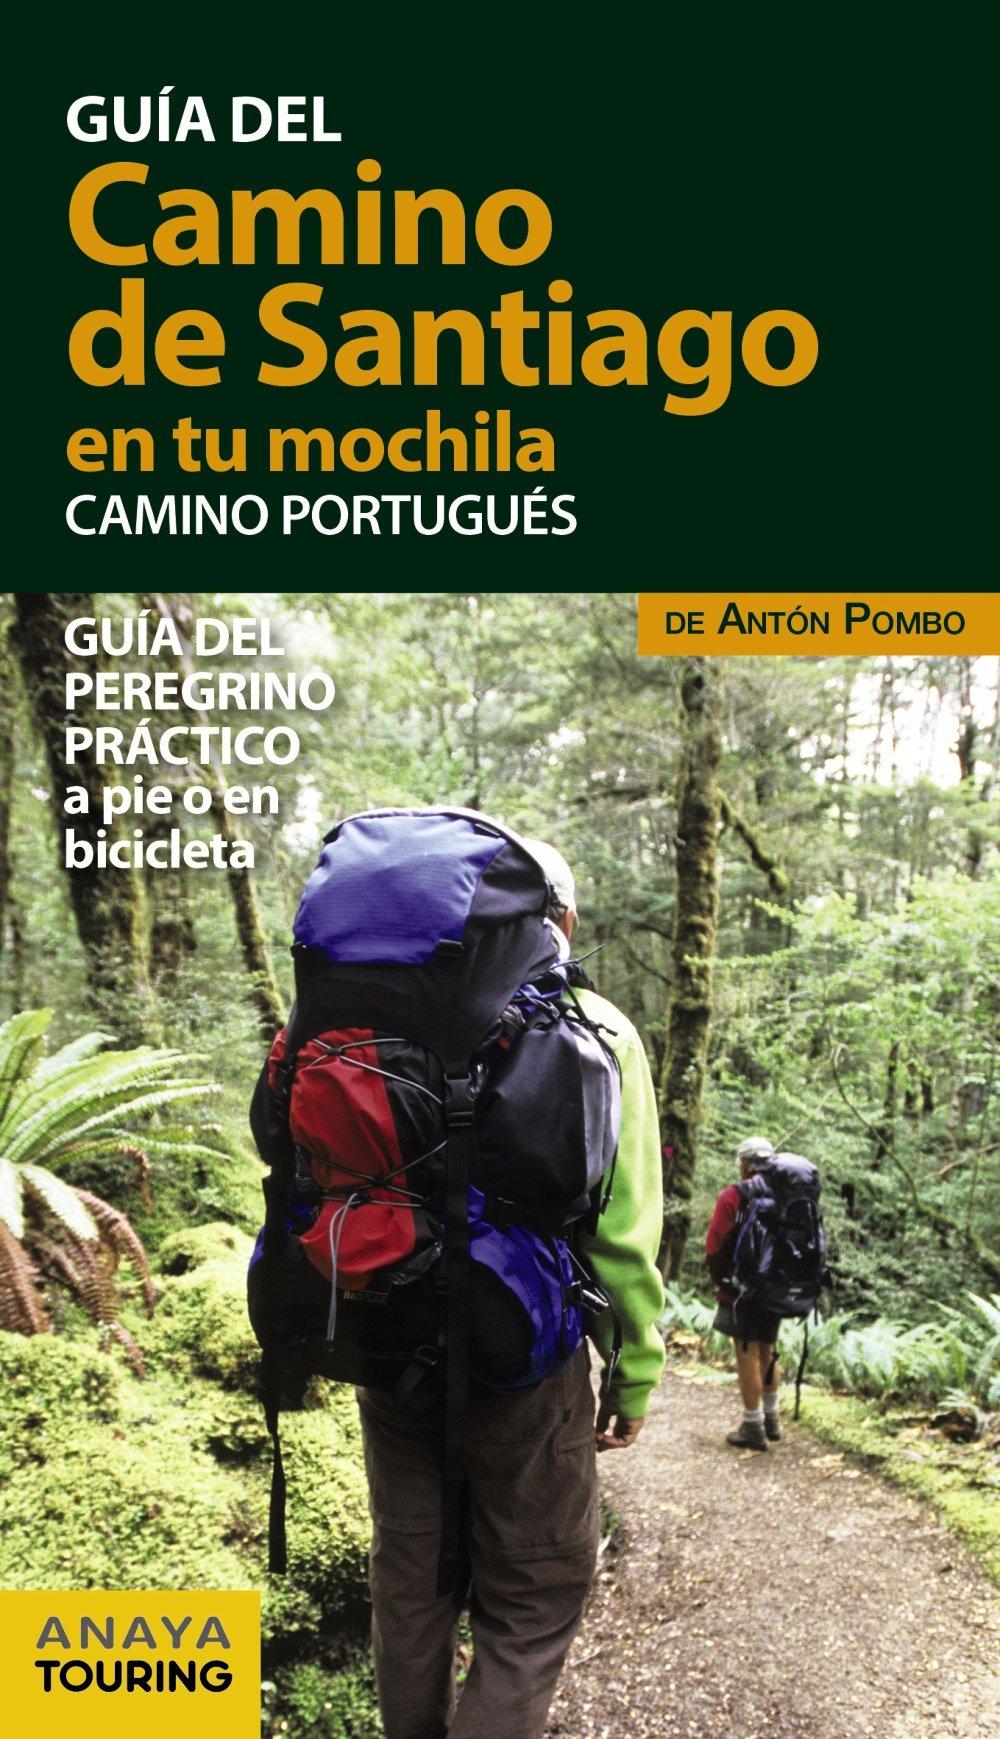 El Camino de Santiago en tu mochila. Camino Portugués: Amazon.es: Anaya Touring, Pombo Rodríguez, Antón: Libros